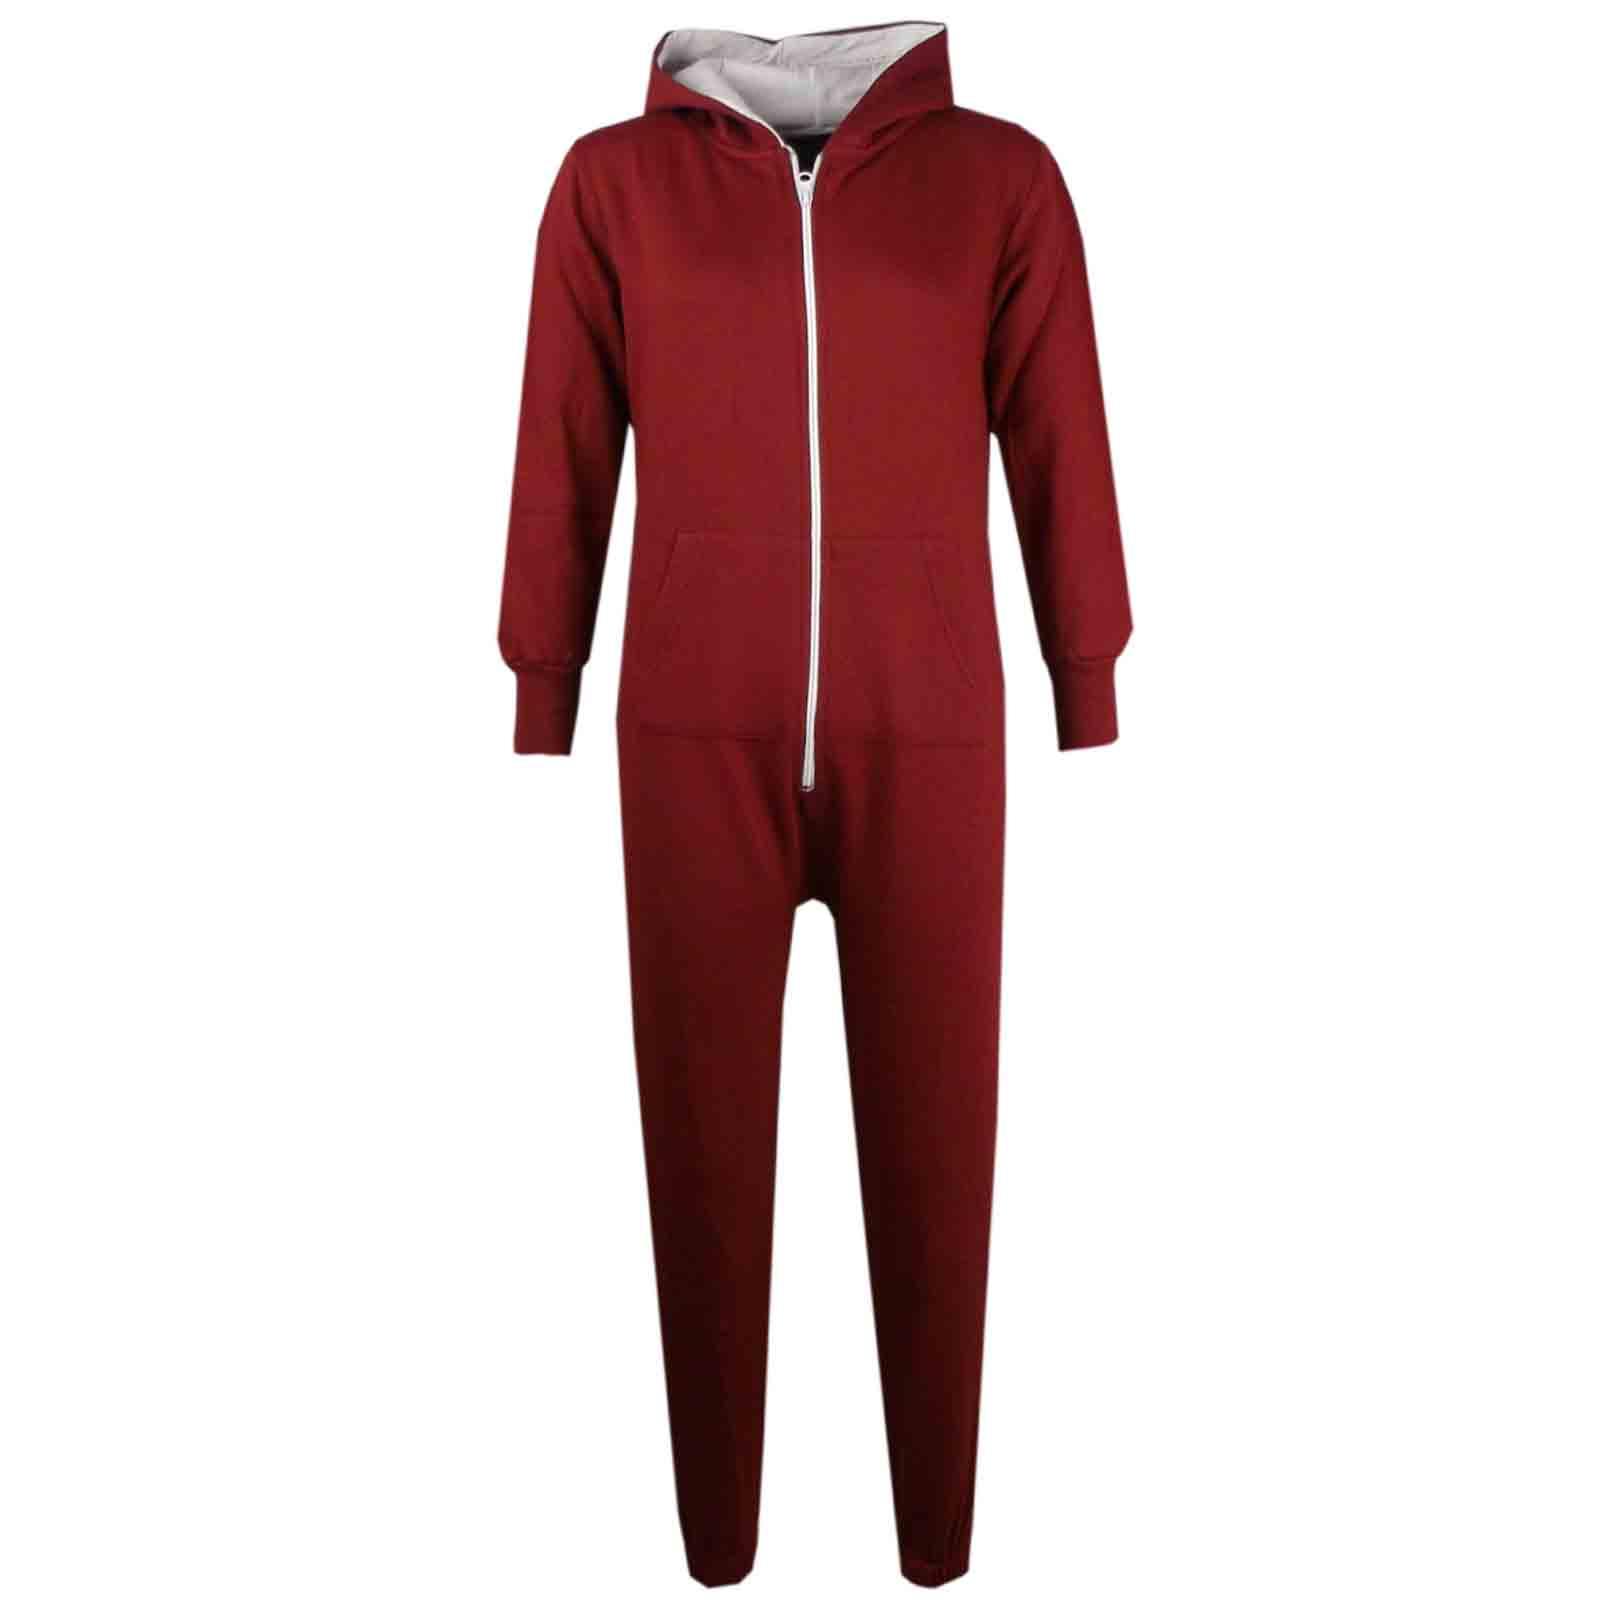 enfants filles gar ons uni couleur en polaire capuche combinaison pyjama ebay. Black Bedroom Furniture Sets. Home Design Ideas